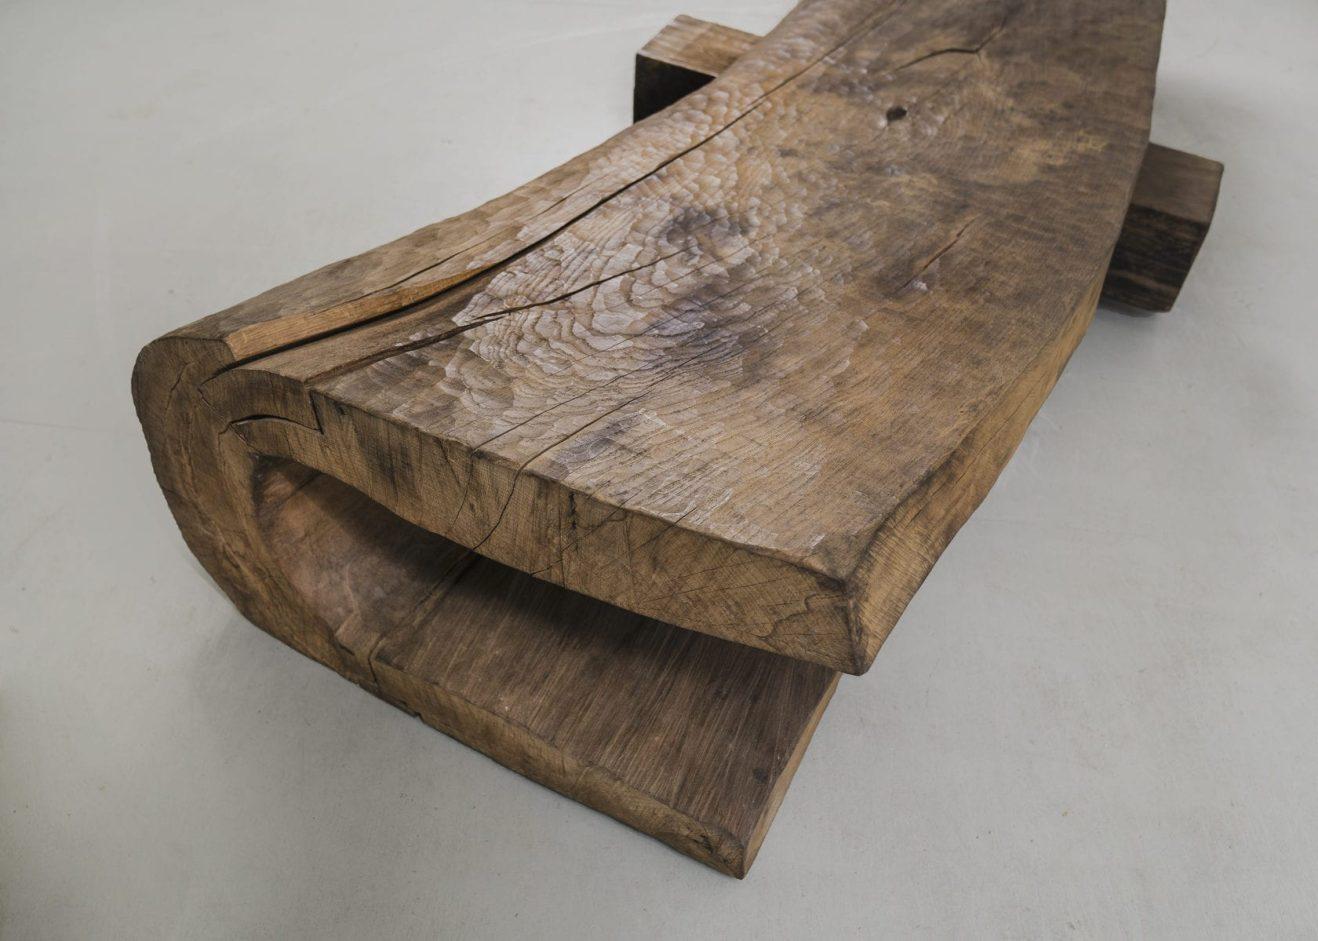 soha-denis-milovanov-massive-bench-1